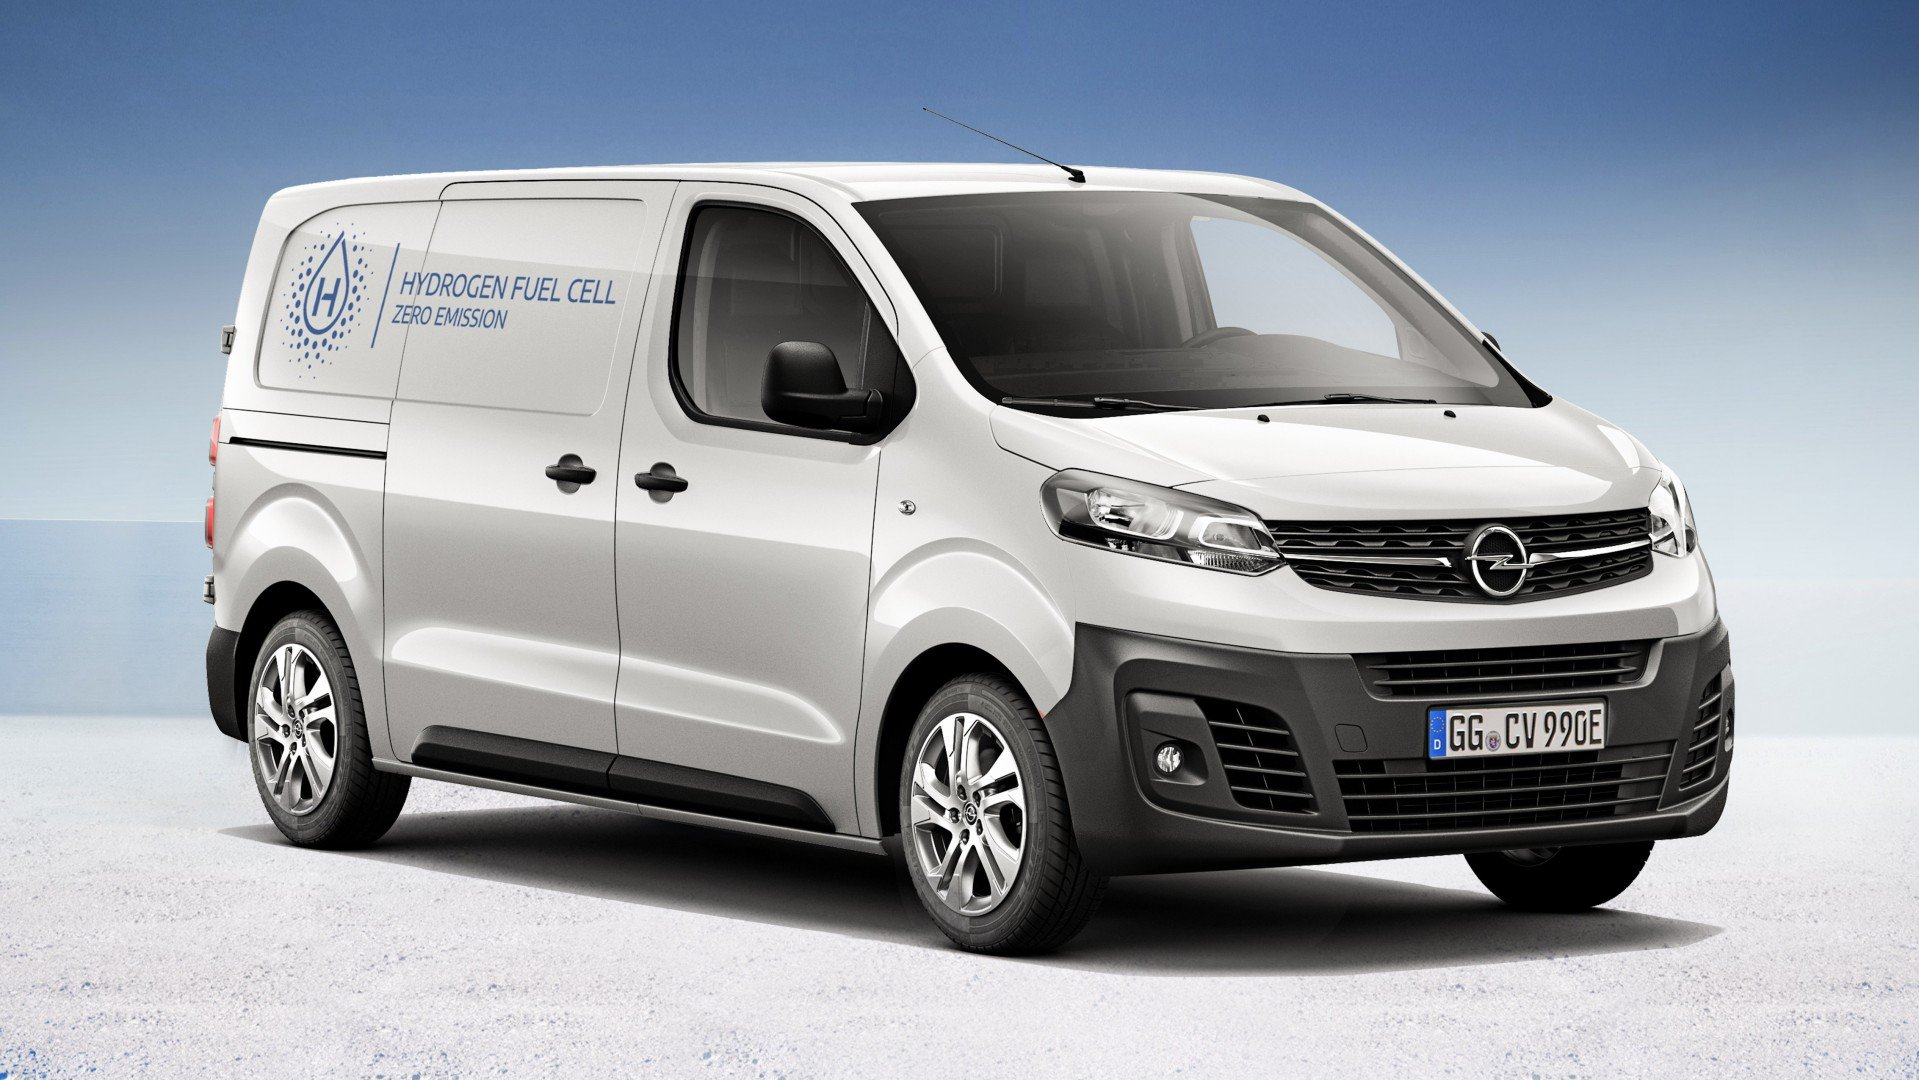 La Opel Vivaro-e Hydrogen 2021 aúna las bondades de la electricidad y de los combustibles fósiles